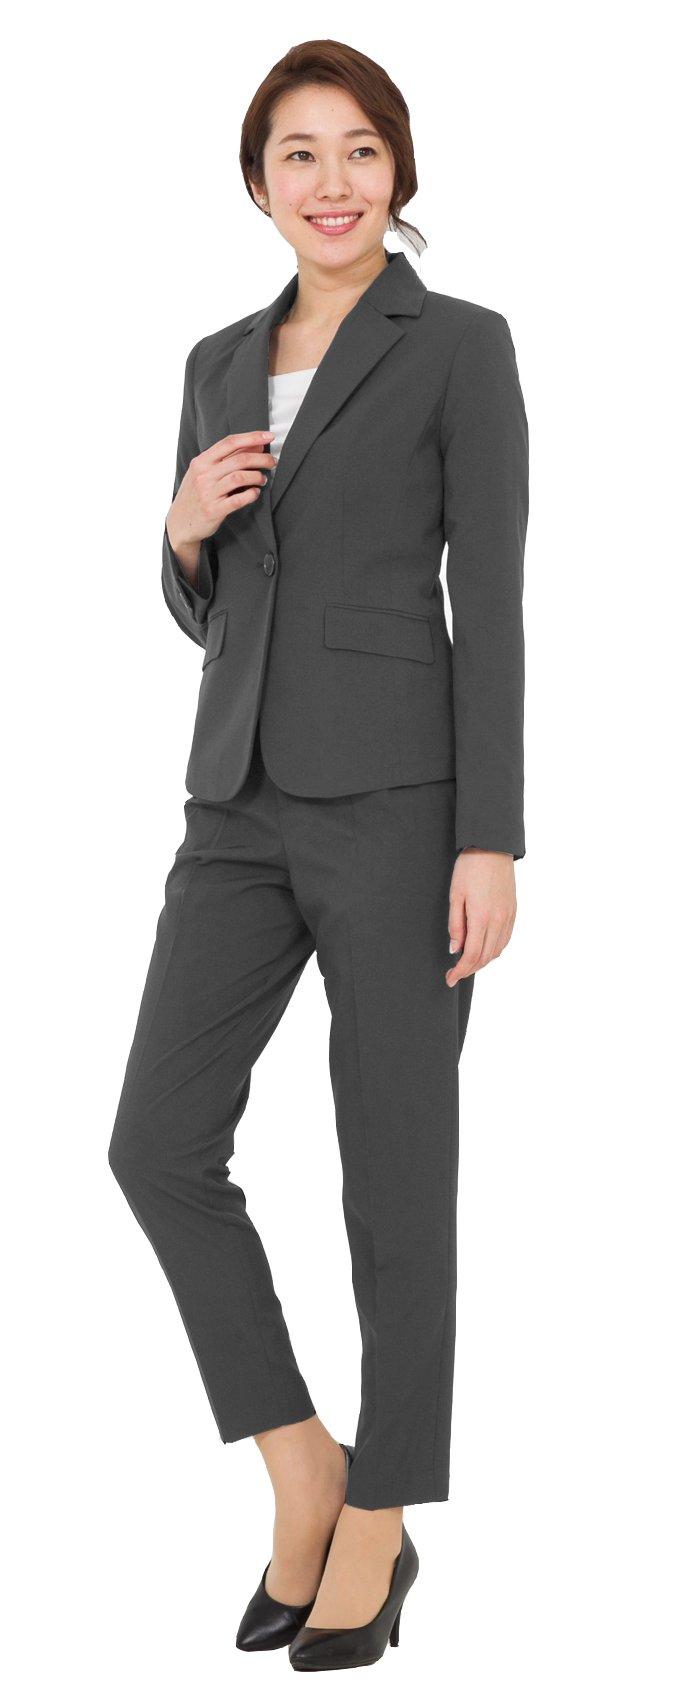 2点セット テーパードパンツ ストレッチ ウエストゴム パンツスーツ AddRouge 【j5012】 洗える (アッドルージュ) レディース スーツ